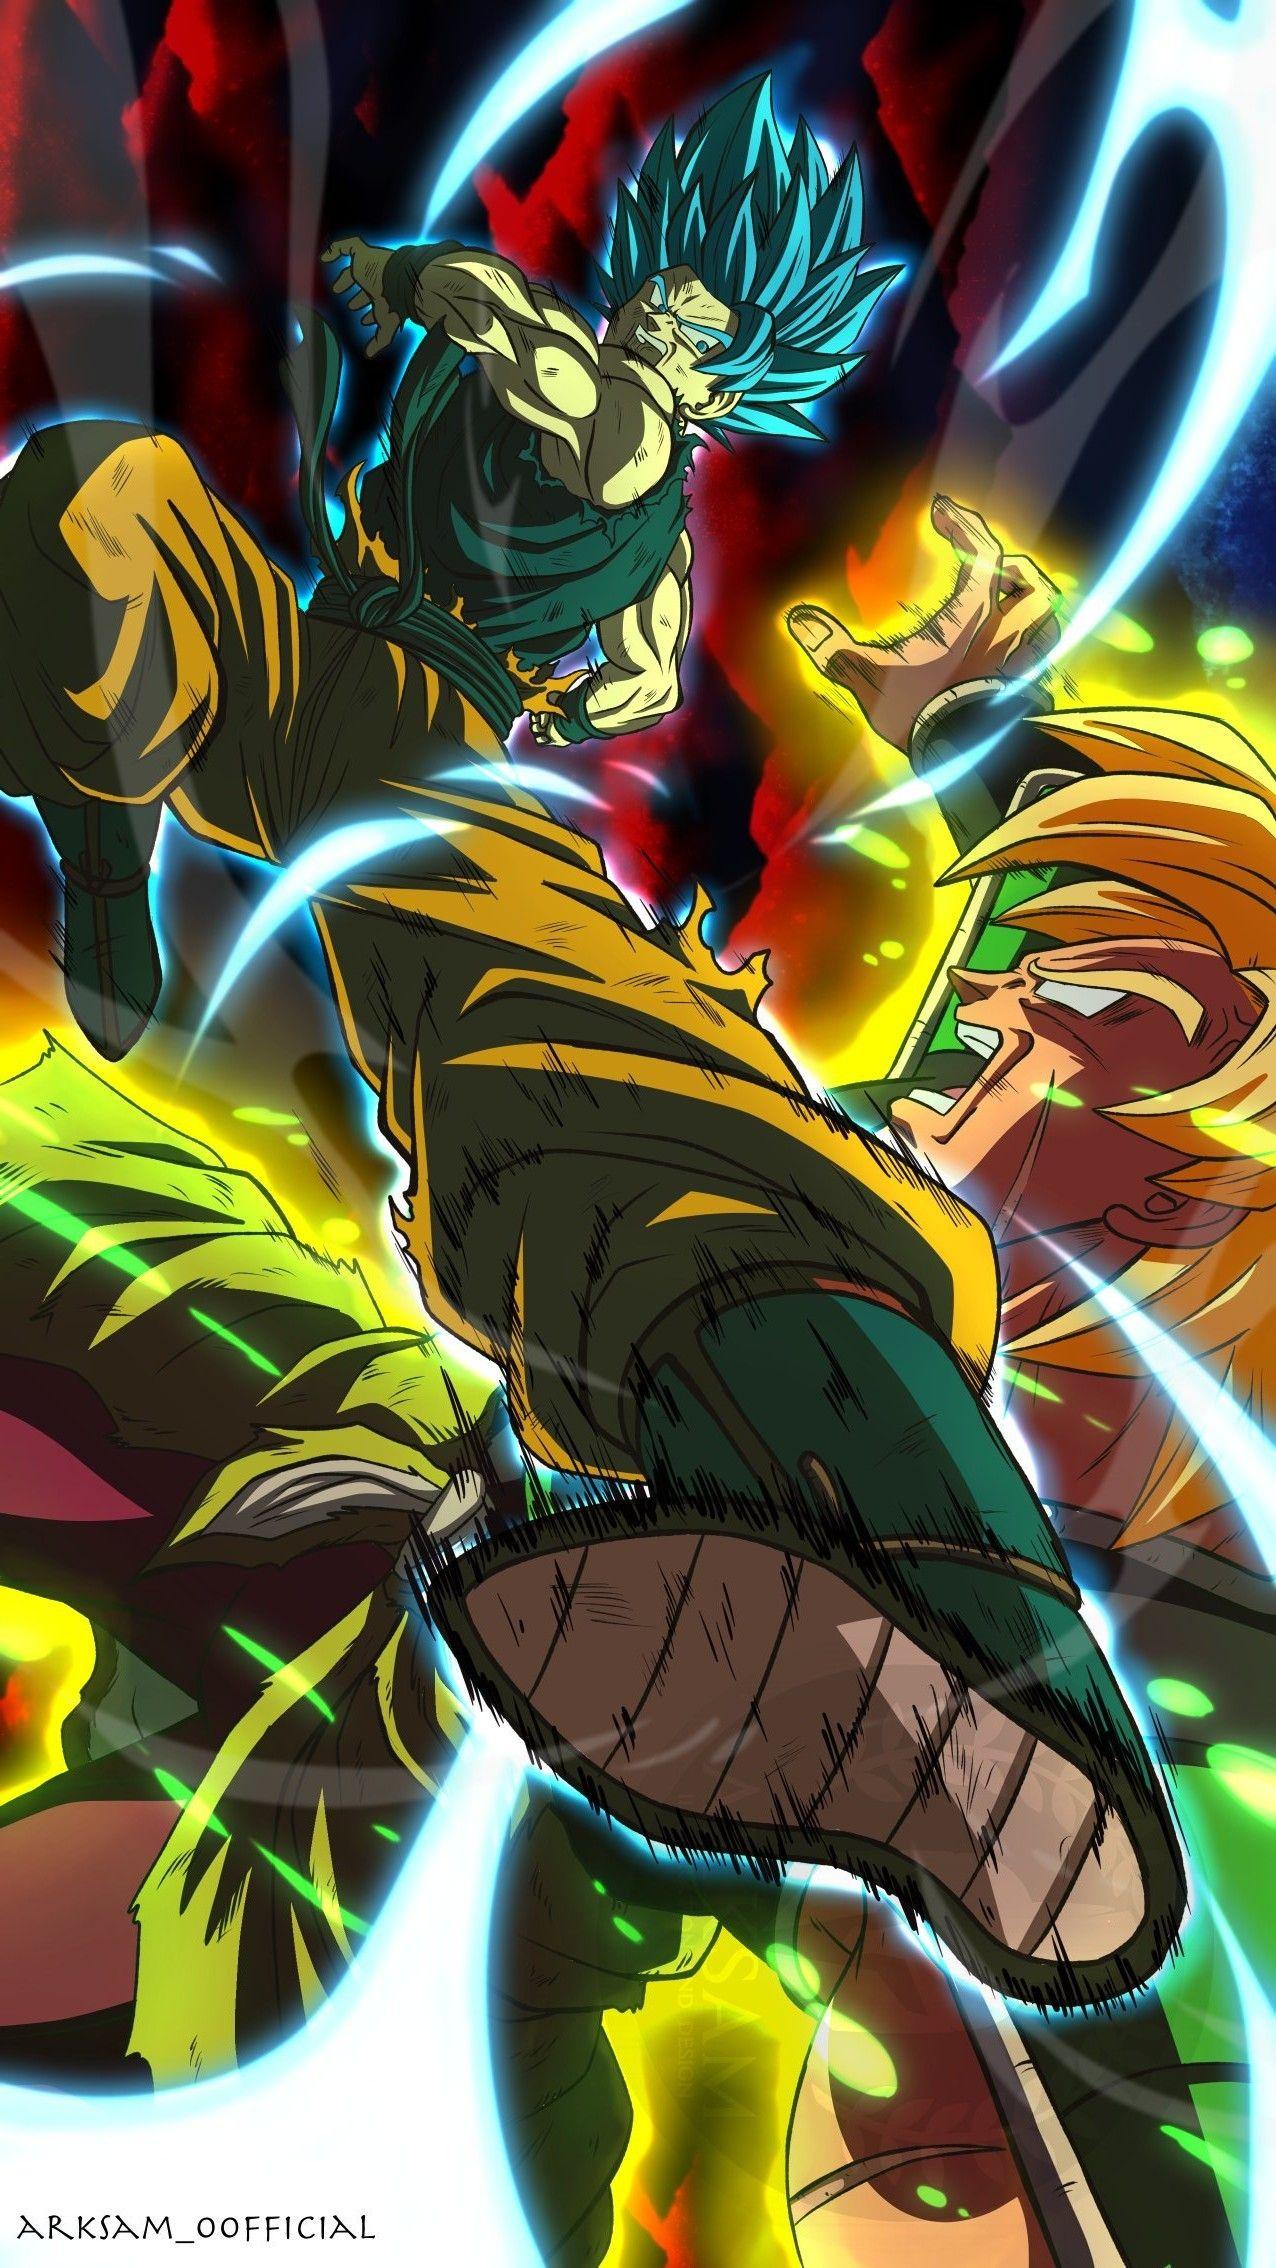 Goku Vs Broly Personajes De Dragon Ball Fondo De Pantalla De Anime Personajes De Goku